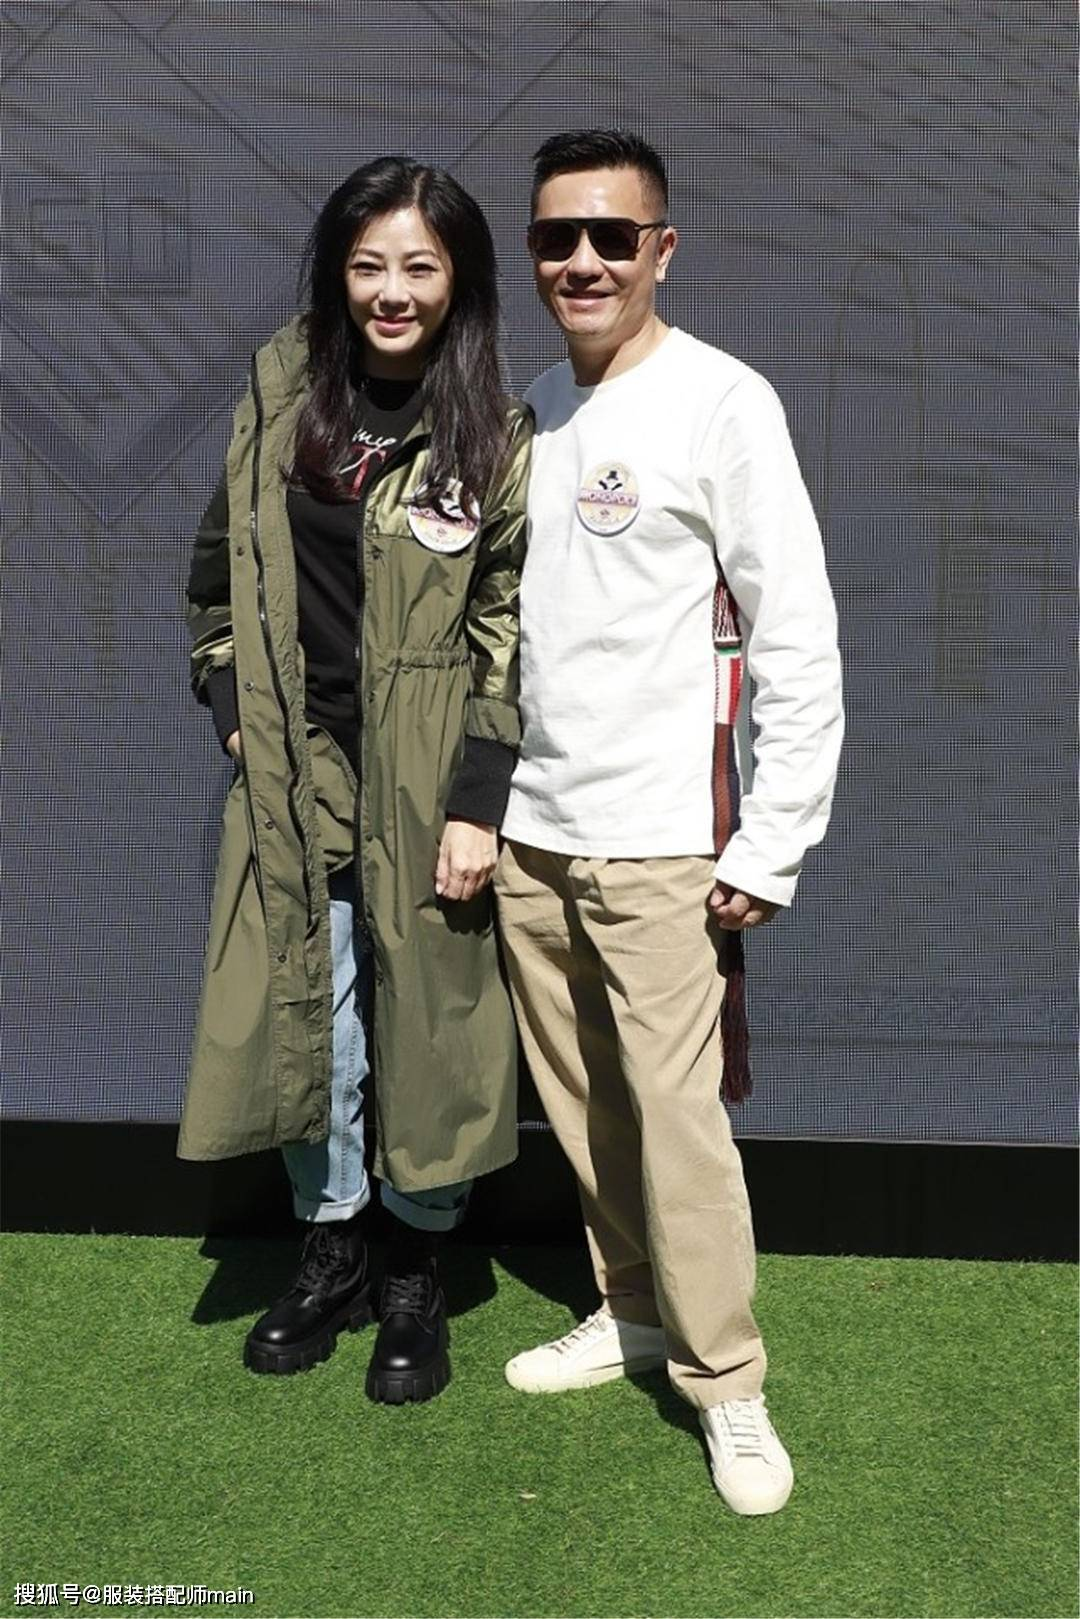 原创             苏志威夫妻同框真恩爱,老婆穿风衣简约干练,容貌天生丽质好迷人